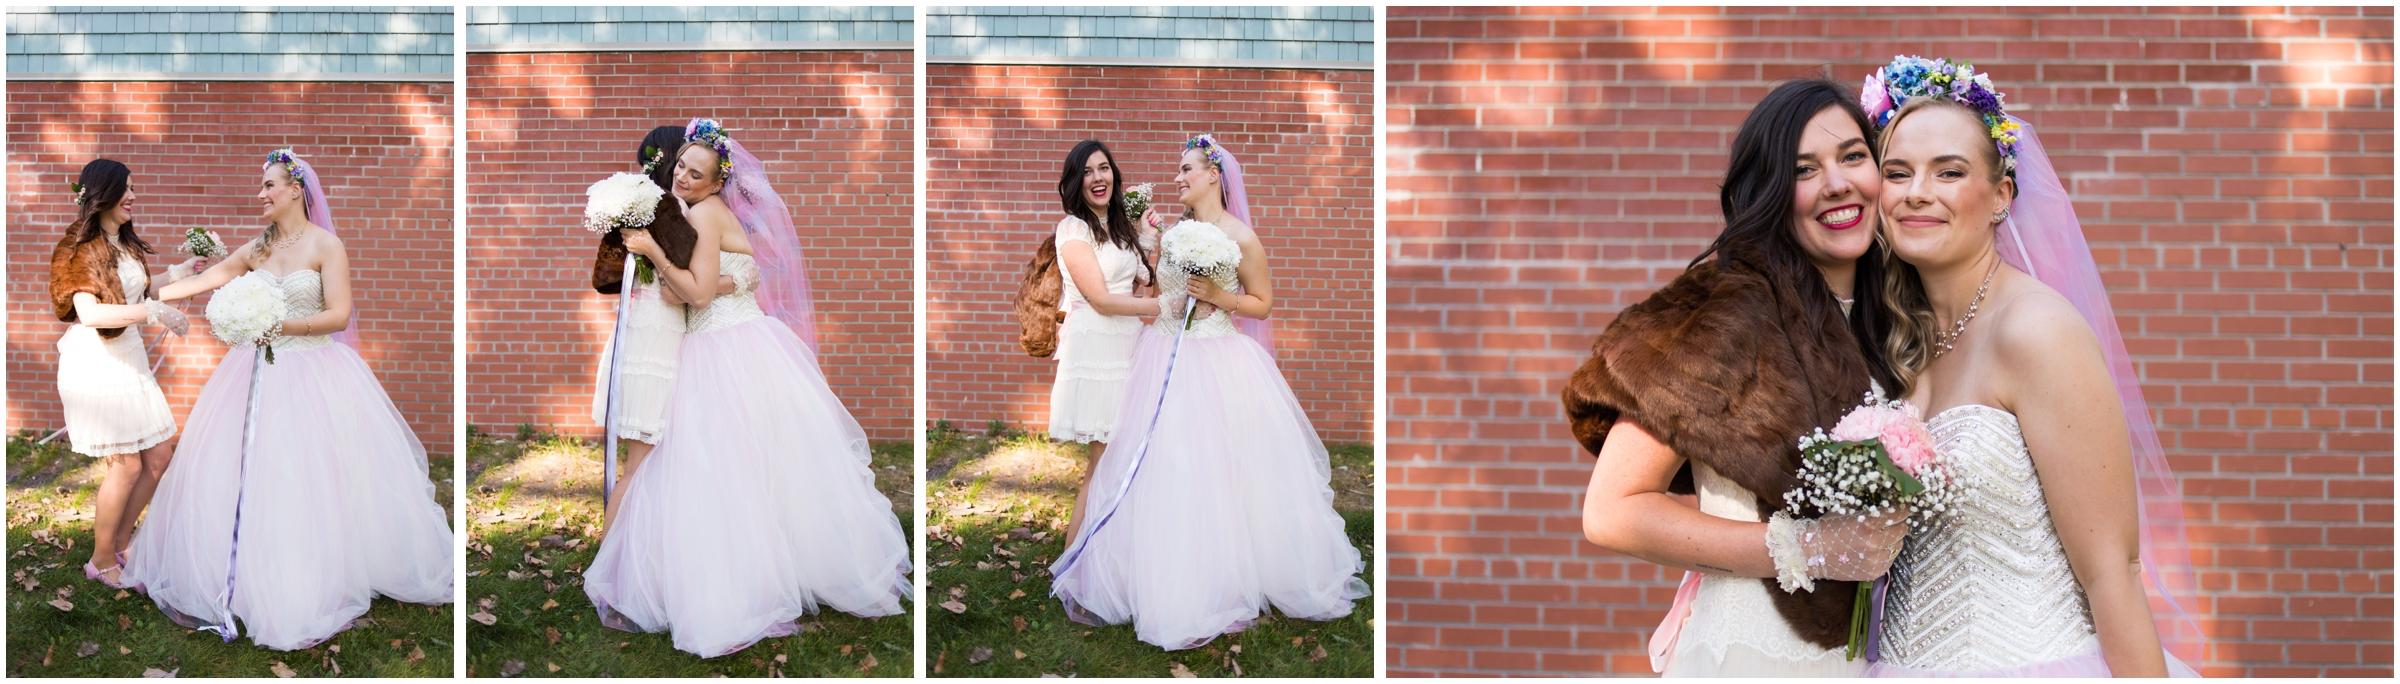 EA Wedding (Selena Phillips-Boyle)_0006.jpg